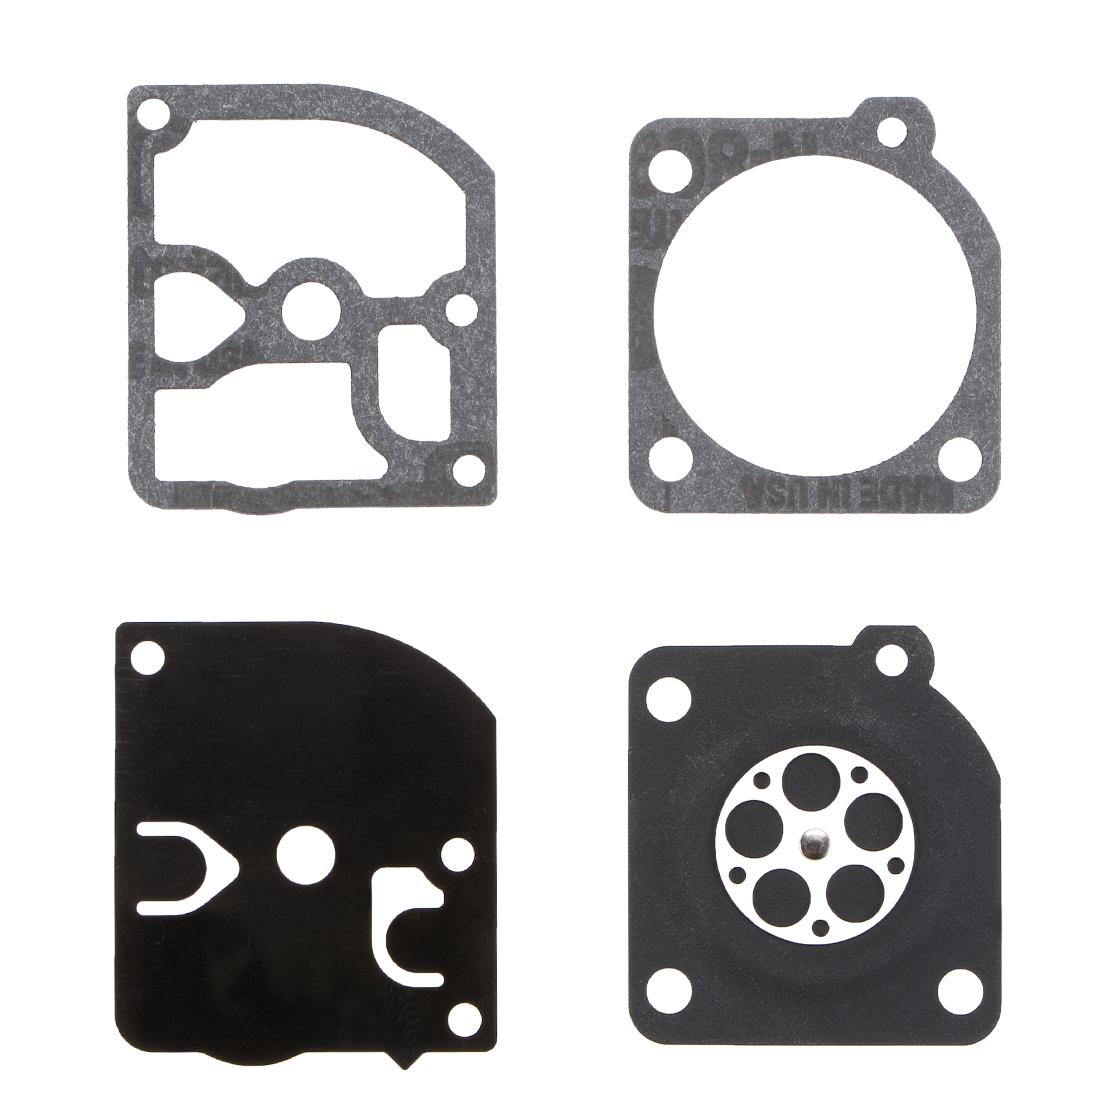 Carburetor Rebuild Kit Gasket Diaphragm GND-35 for Homelite 250 HBC-40 Carb